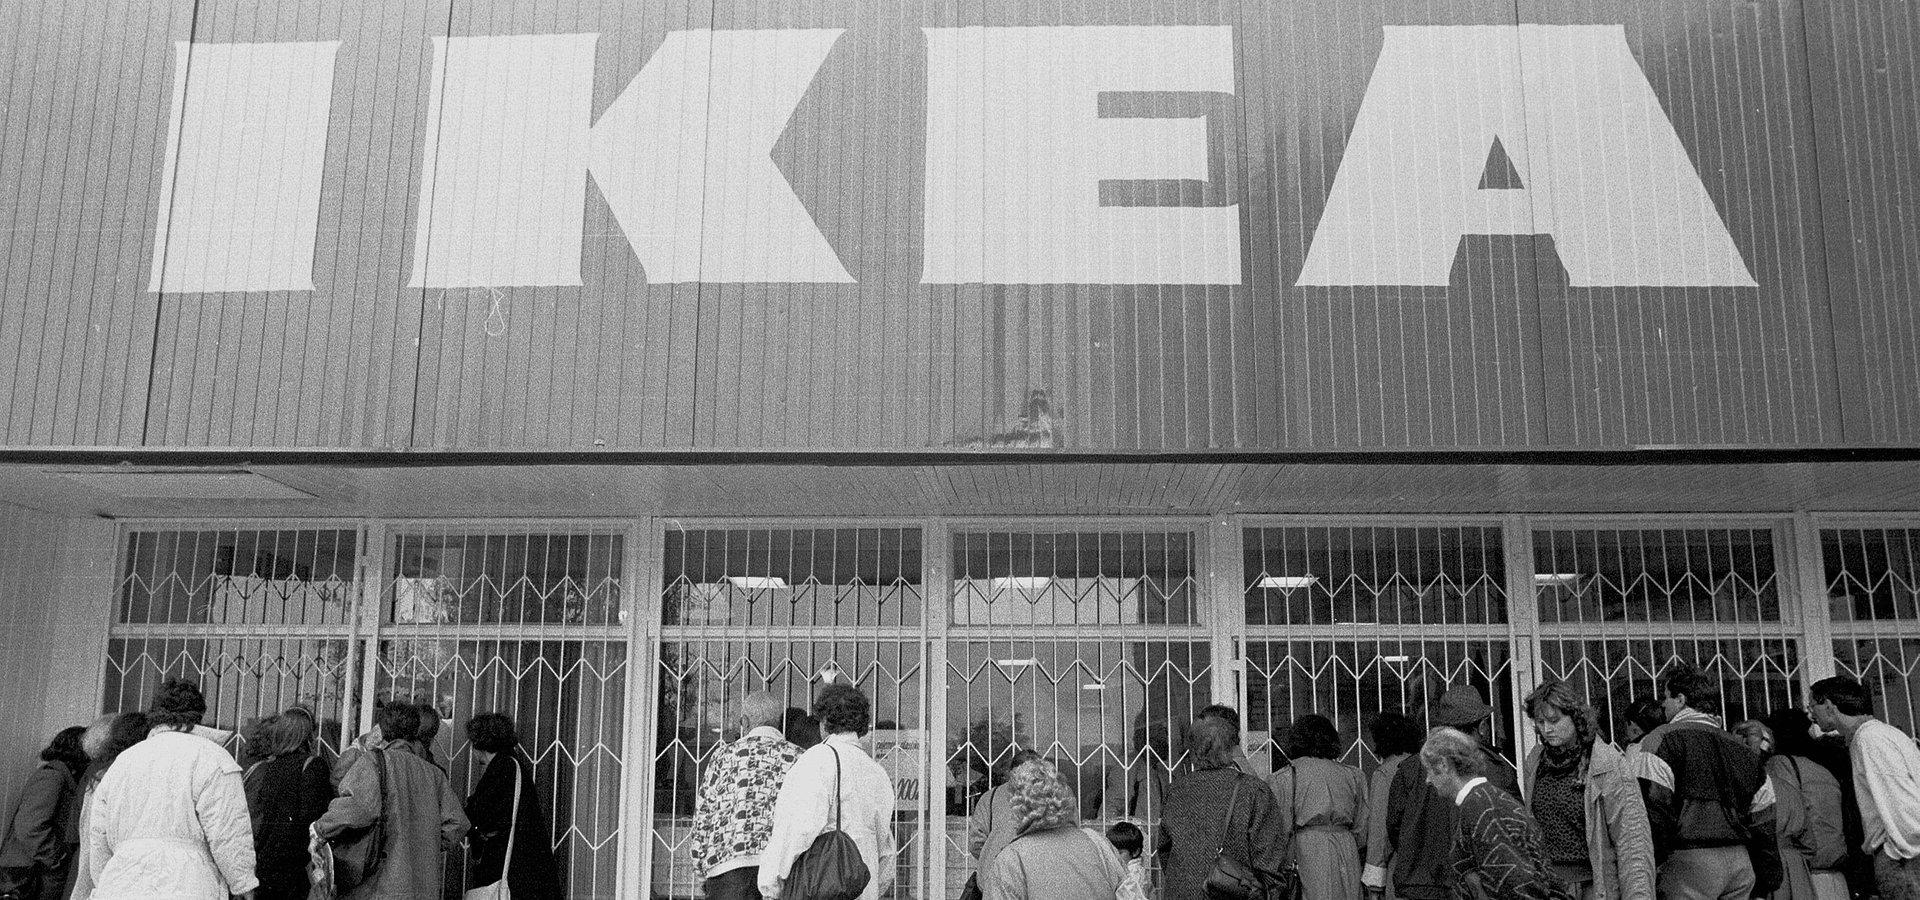 IKEA już od 30 lat urządza w Warszawie lepsze życie!